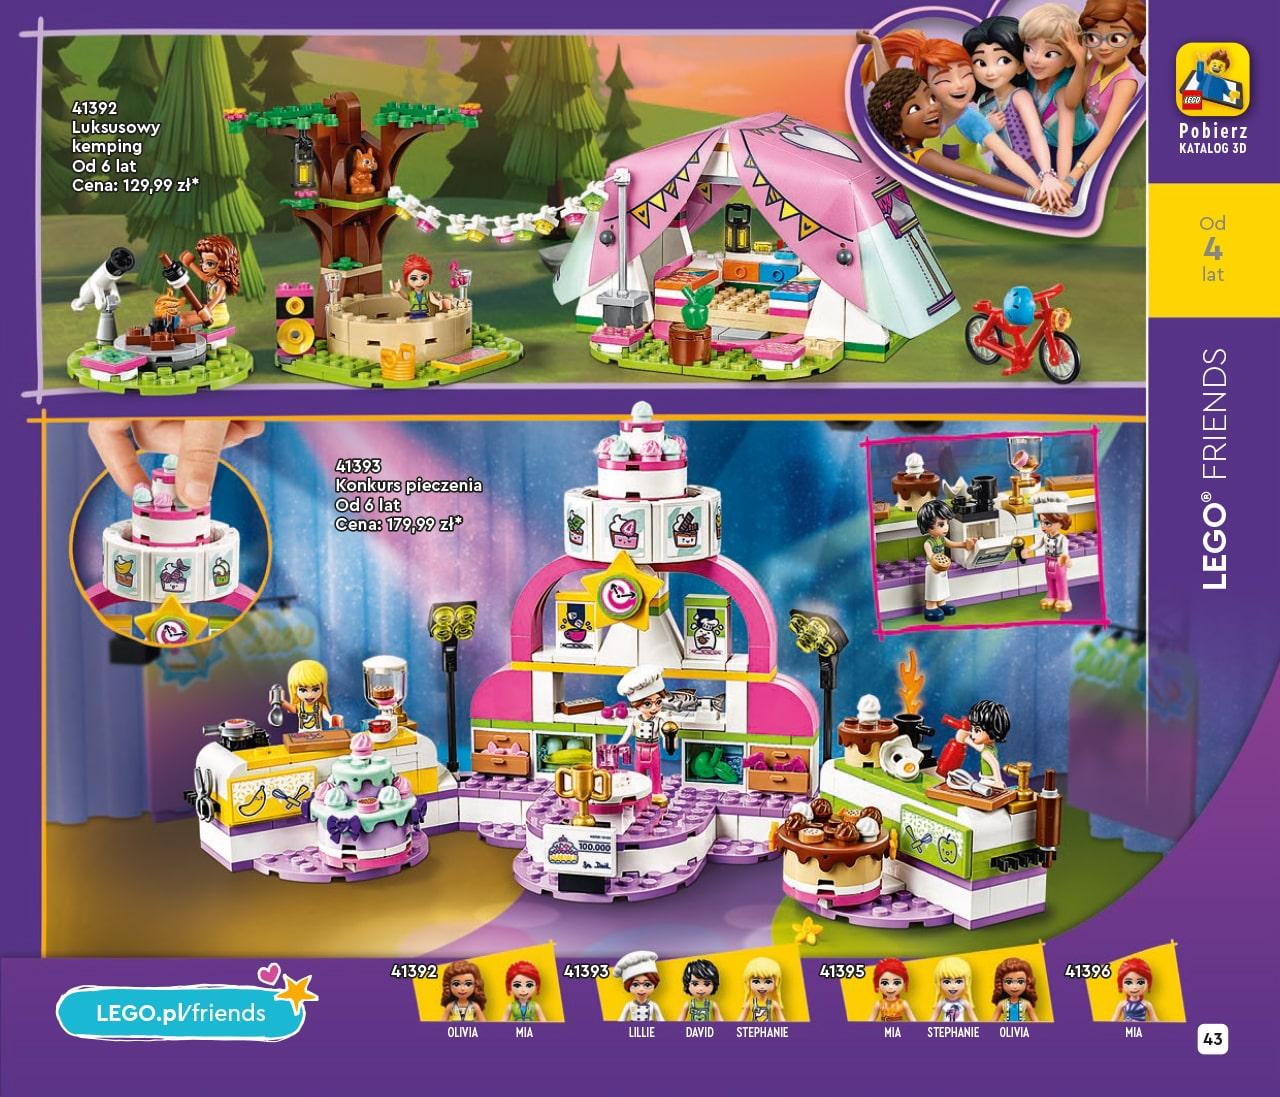 Katalog LEGO styczeń-maj 2021 - wersja polska - 43 - LEGO Friends